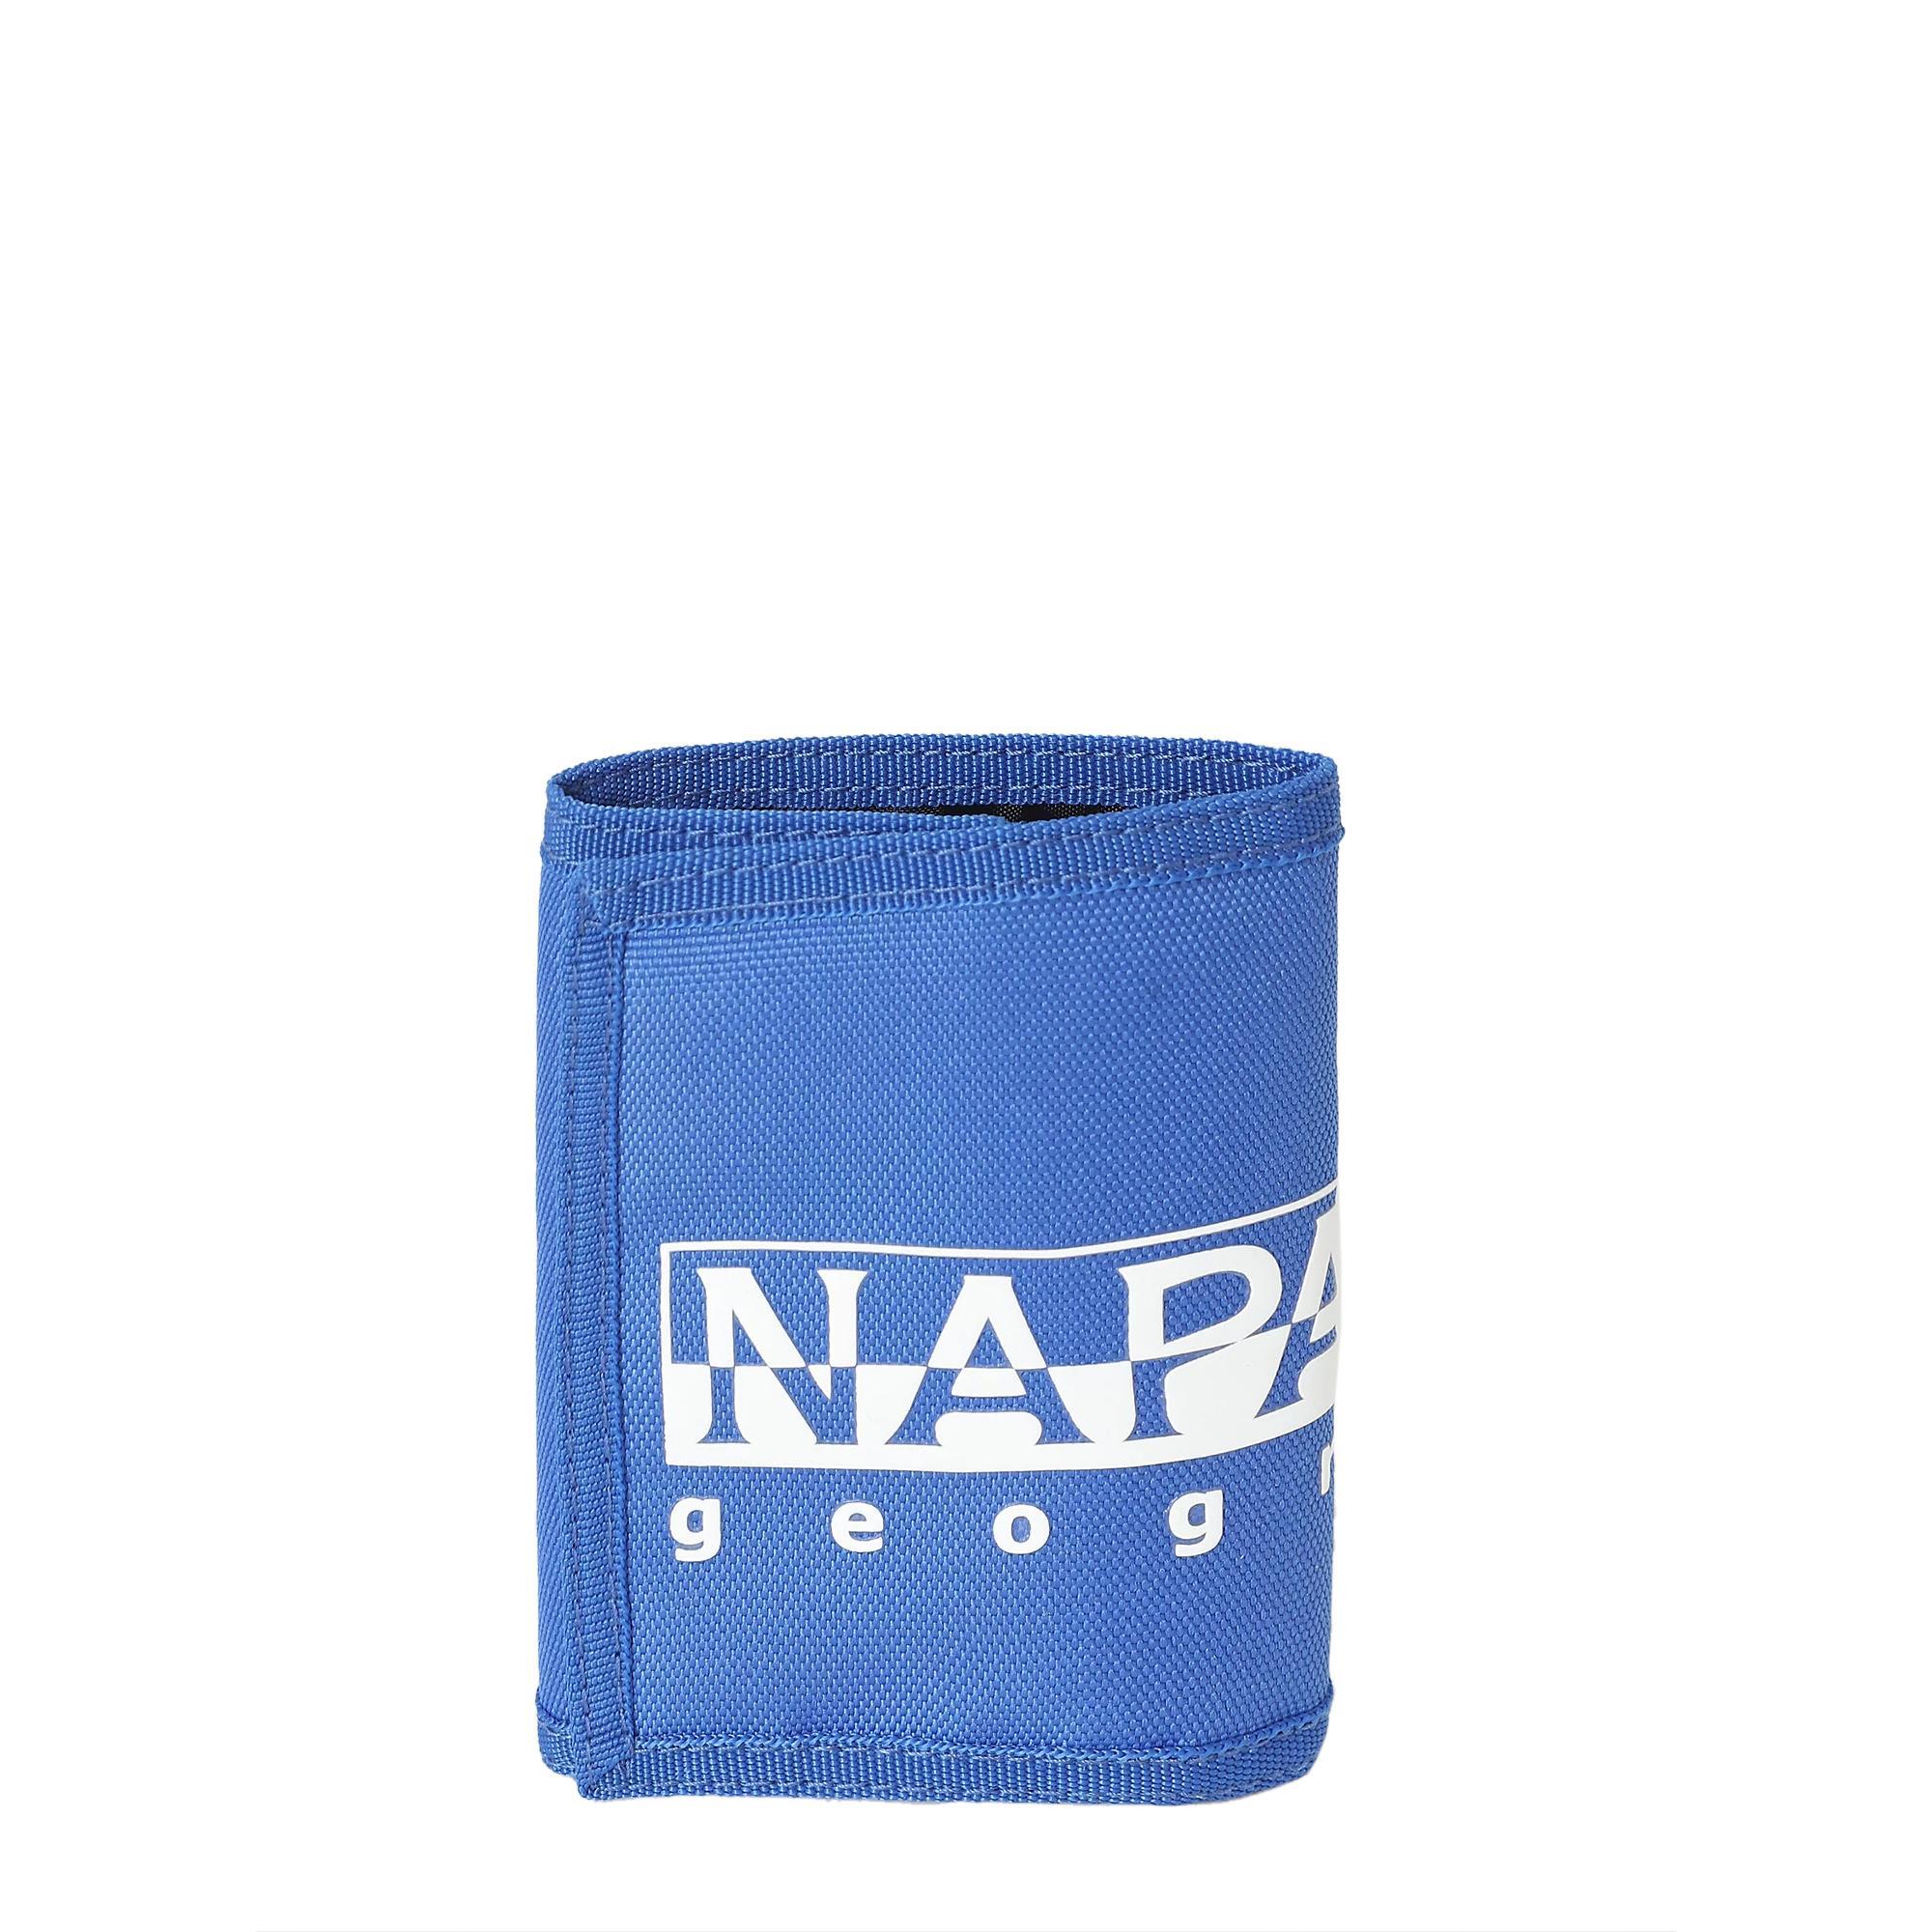 Napapijri Happy Wallet 2 Blue dazzling